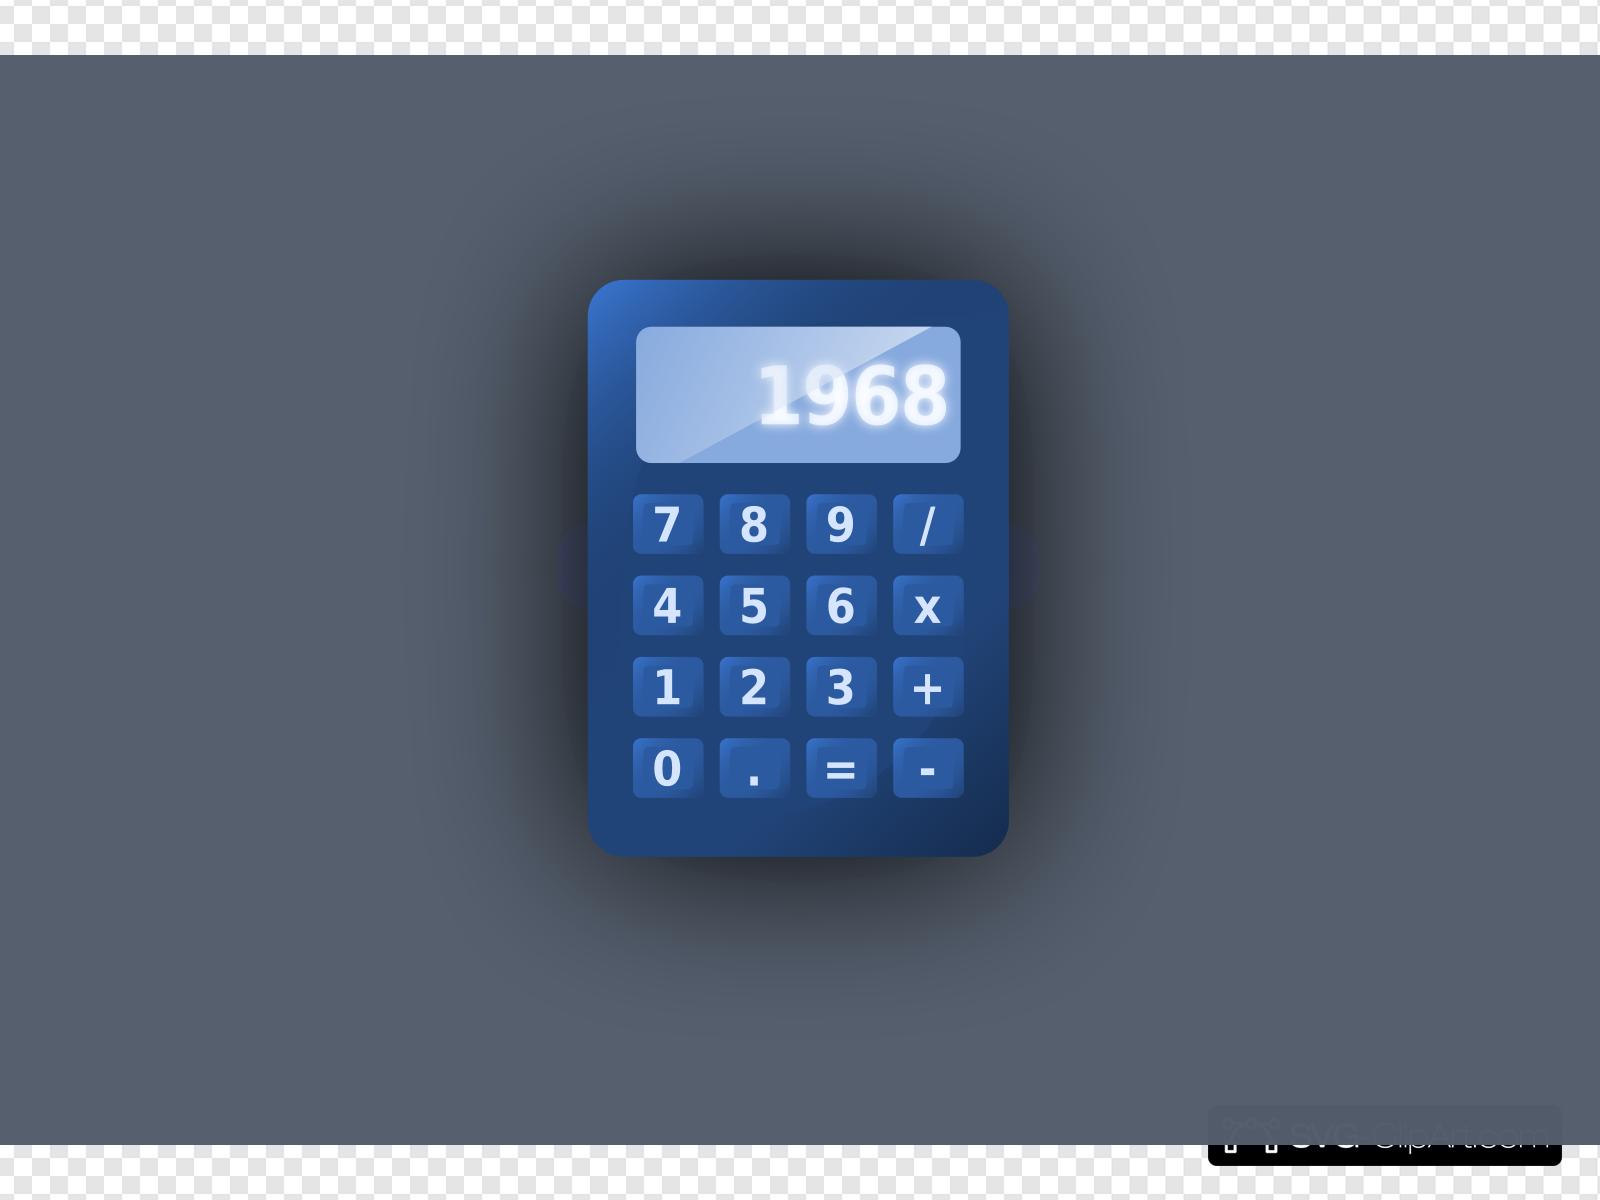 Calculator clipart calculater. Blue clip art icon